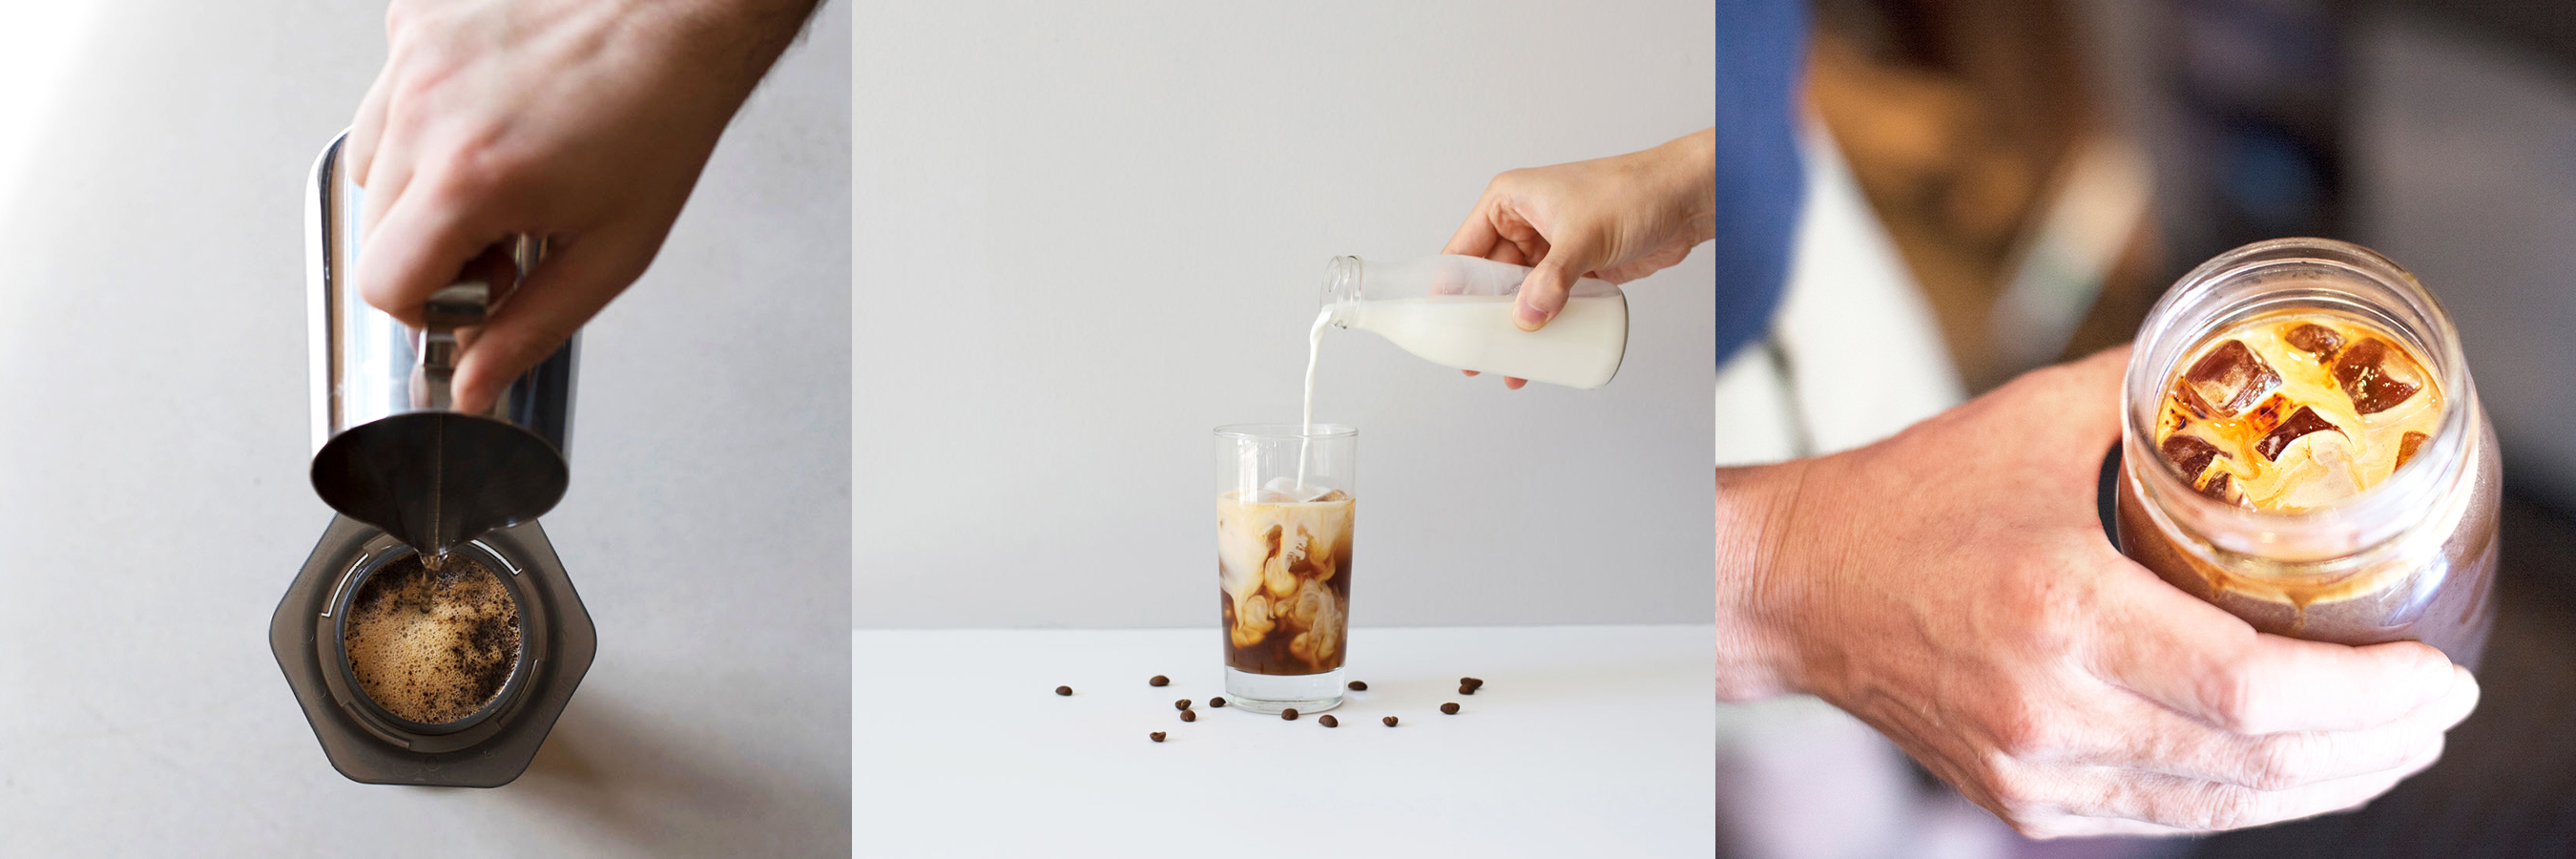 Iced Coffee with an Aeropress